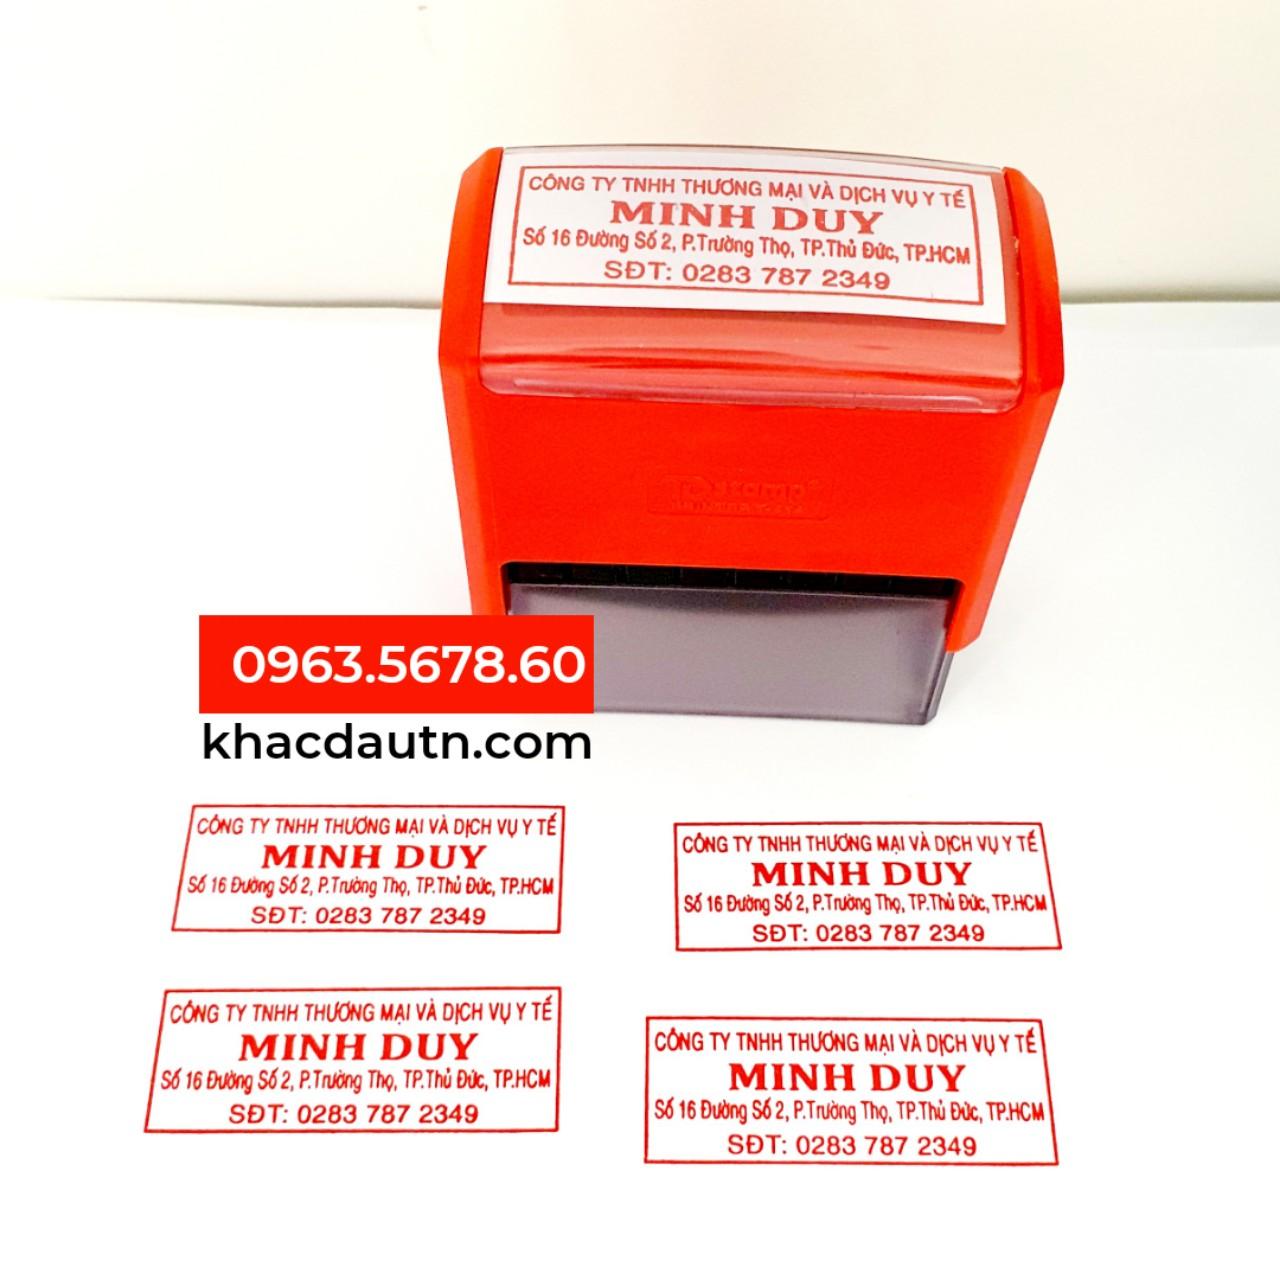 Con Dấu Tên Công Ty - 0963.5678.60 Chuyên Cung Cấp Và Sản Xuất Giao Công Con Dấu - Luôn Có Nhiều Ưu Đãi Giảm - Xuất HD VAT 10%